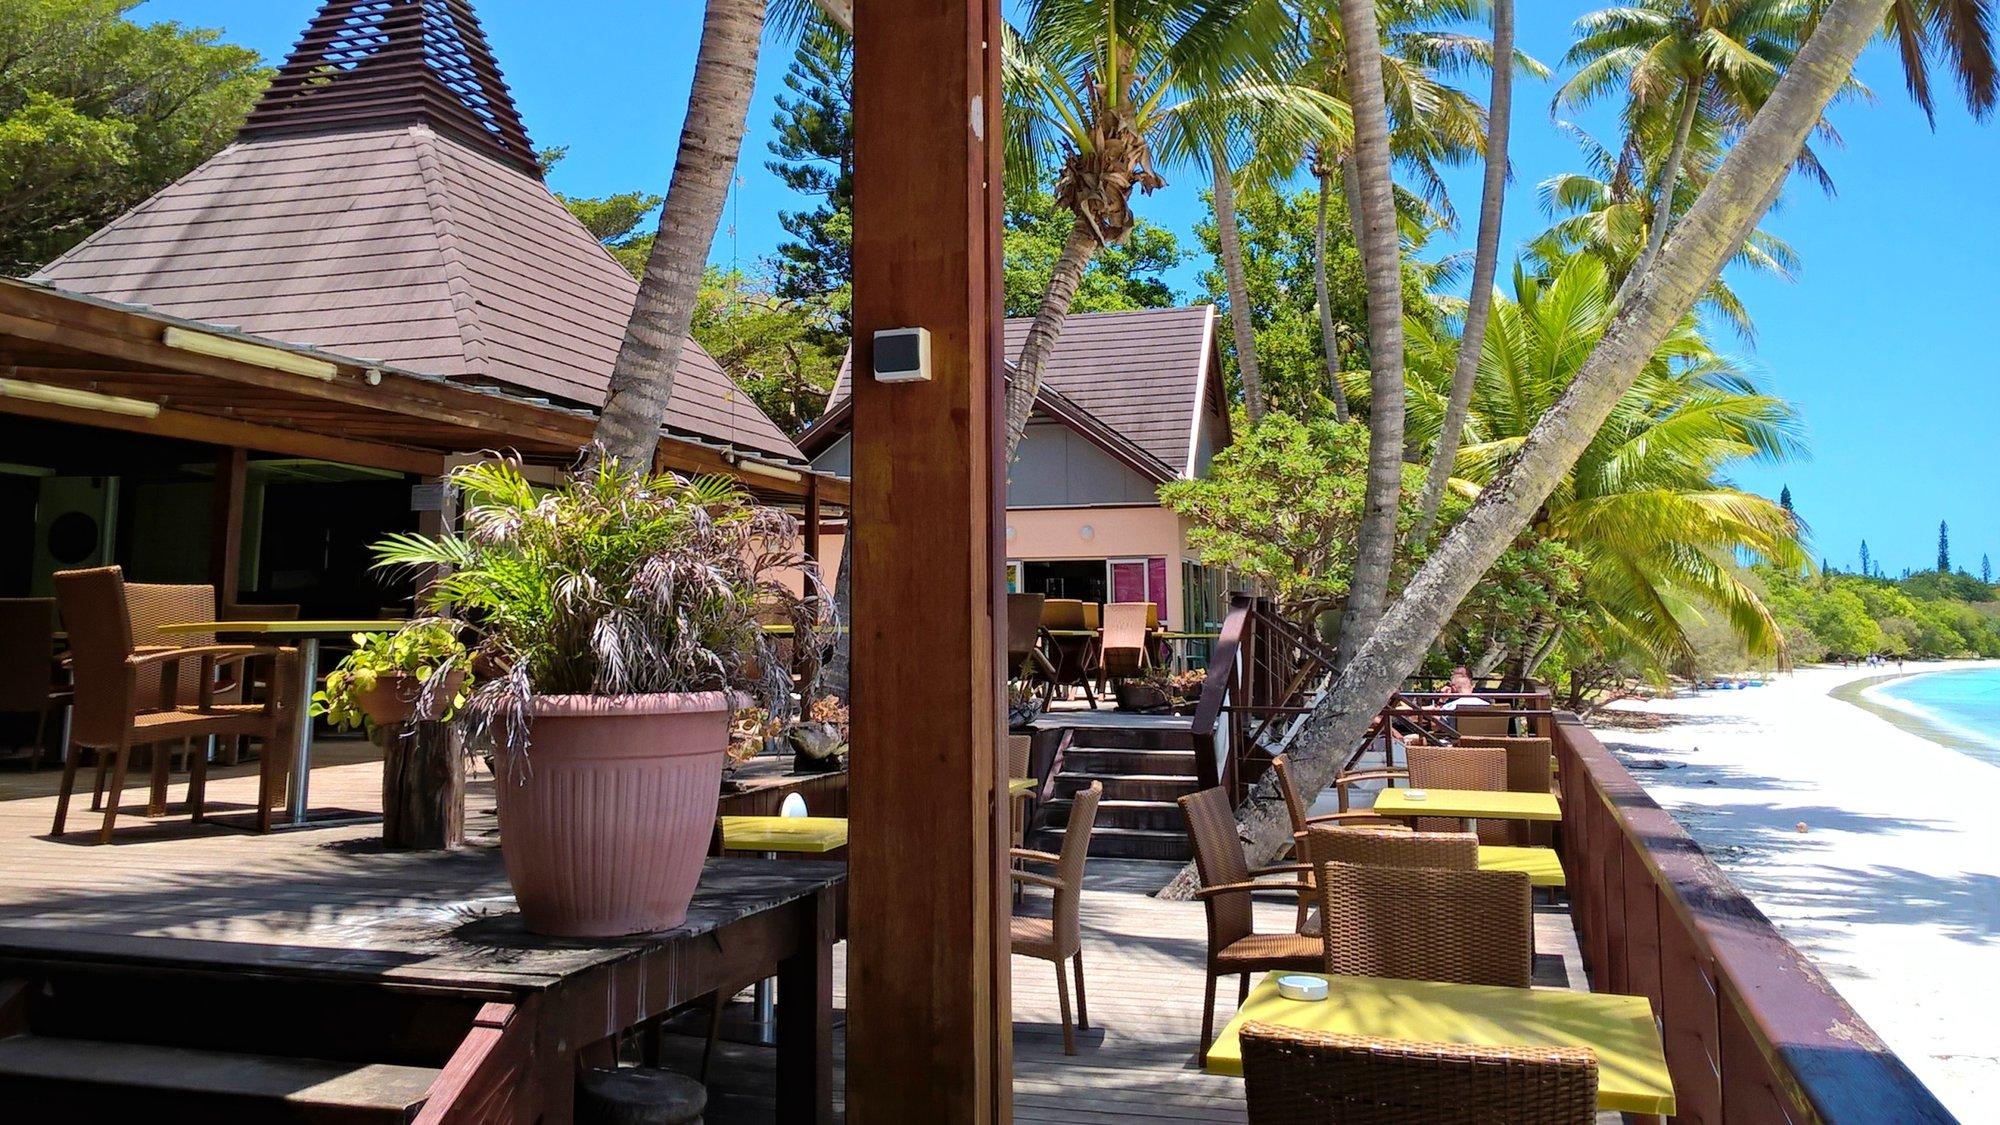 restaurace na pláži Kuto nabízí občerstvení s nezapomenutelným výhledem na azurové moře